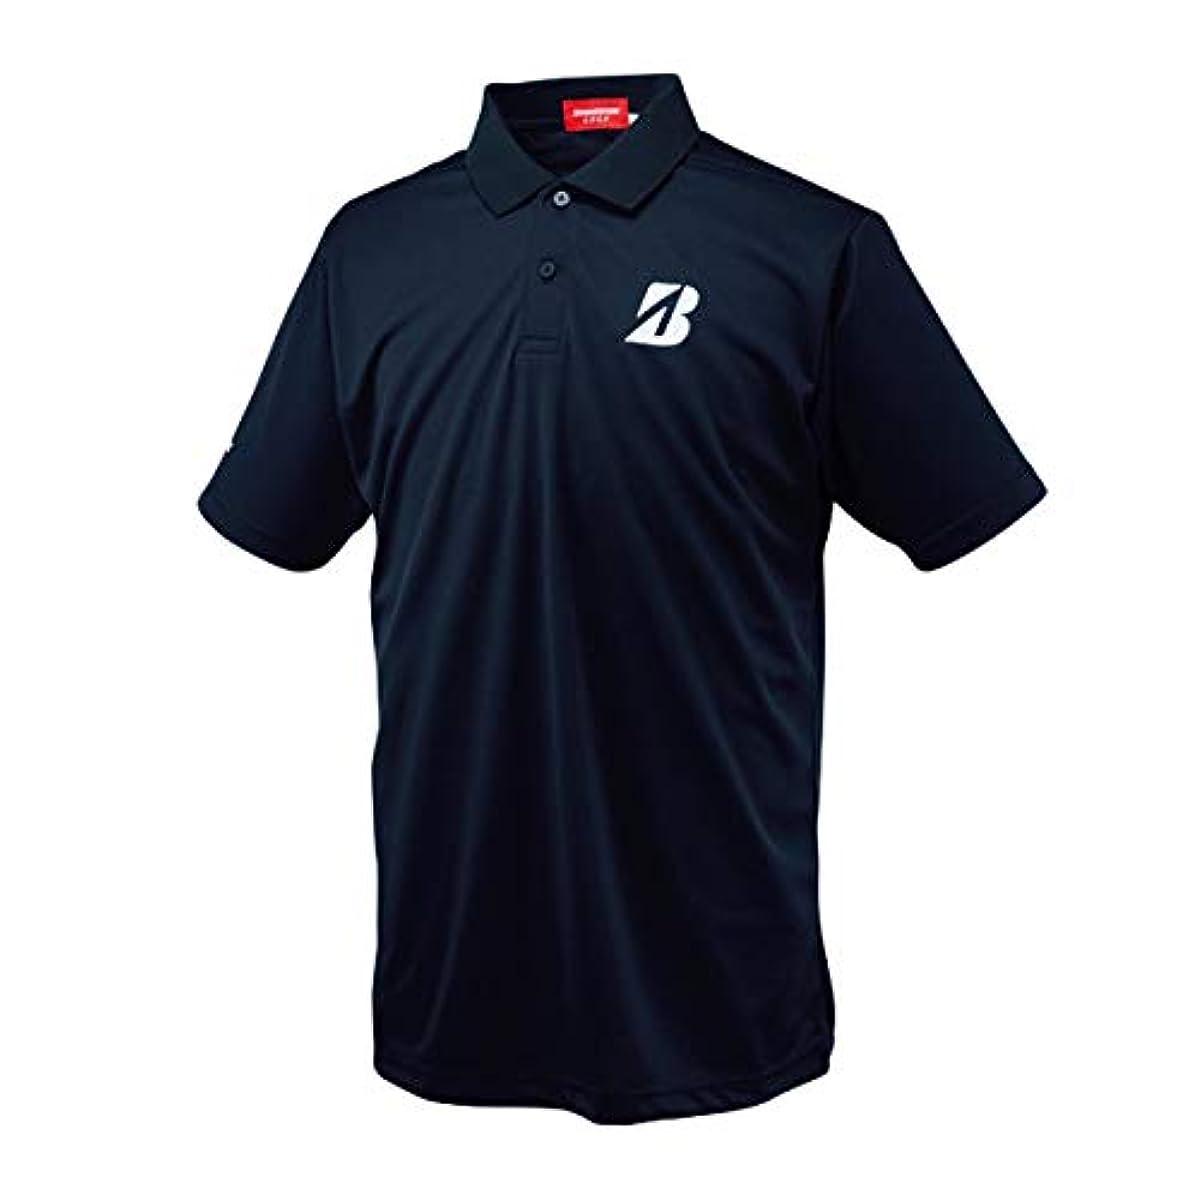 [해외] 브리지스톤 골프 맨즈 반소매 폴로 셔츠 55G01A (MEN'S) BRIDGESTONE GOLF